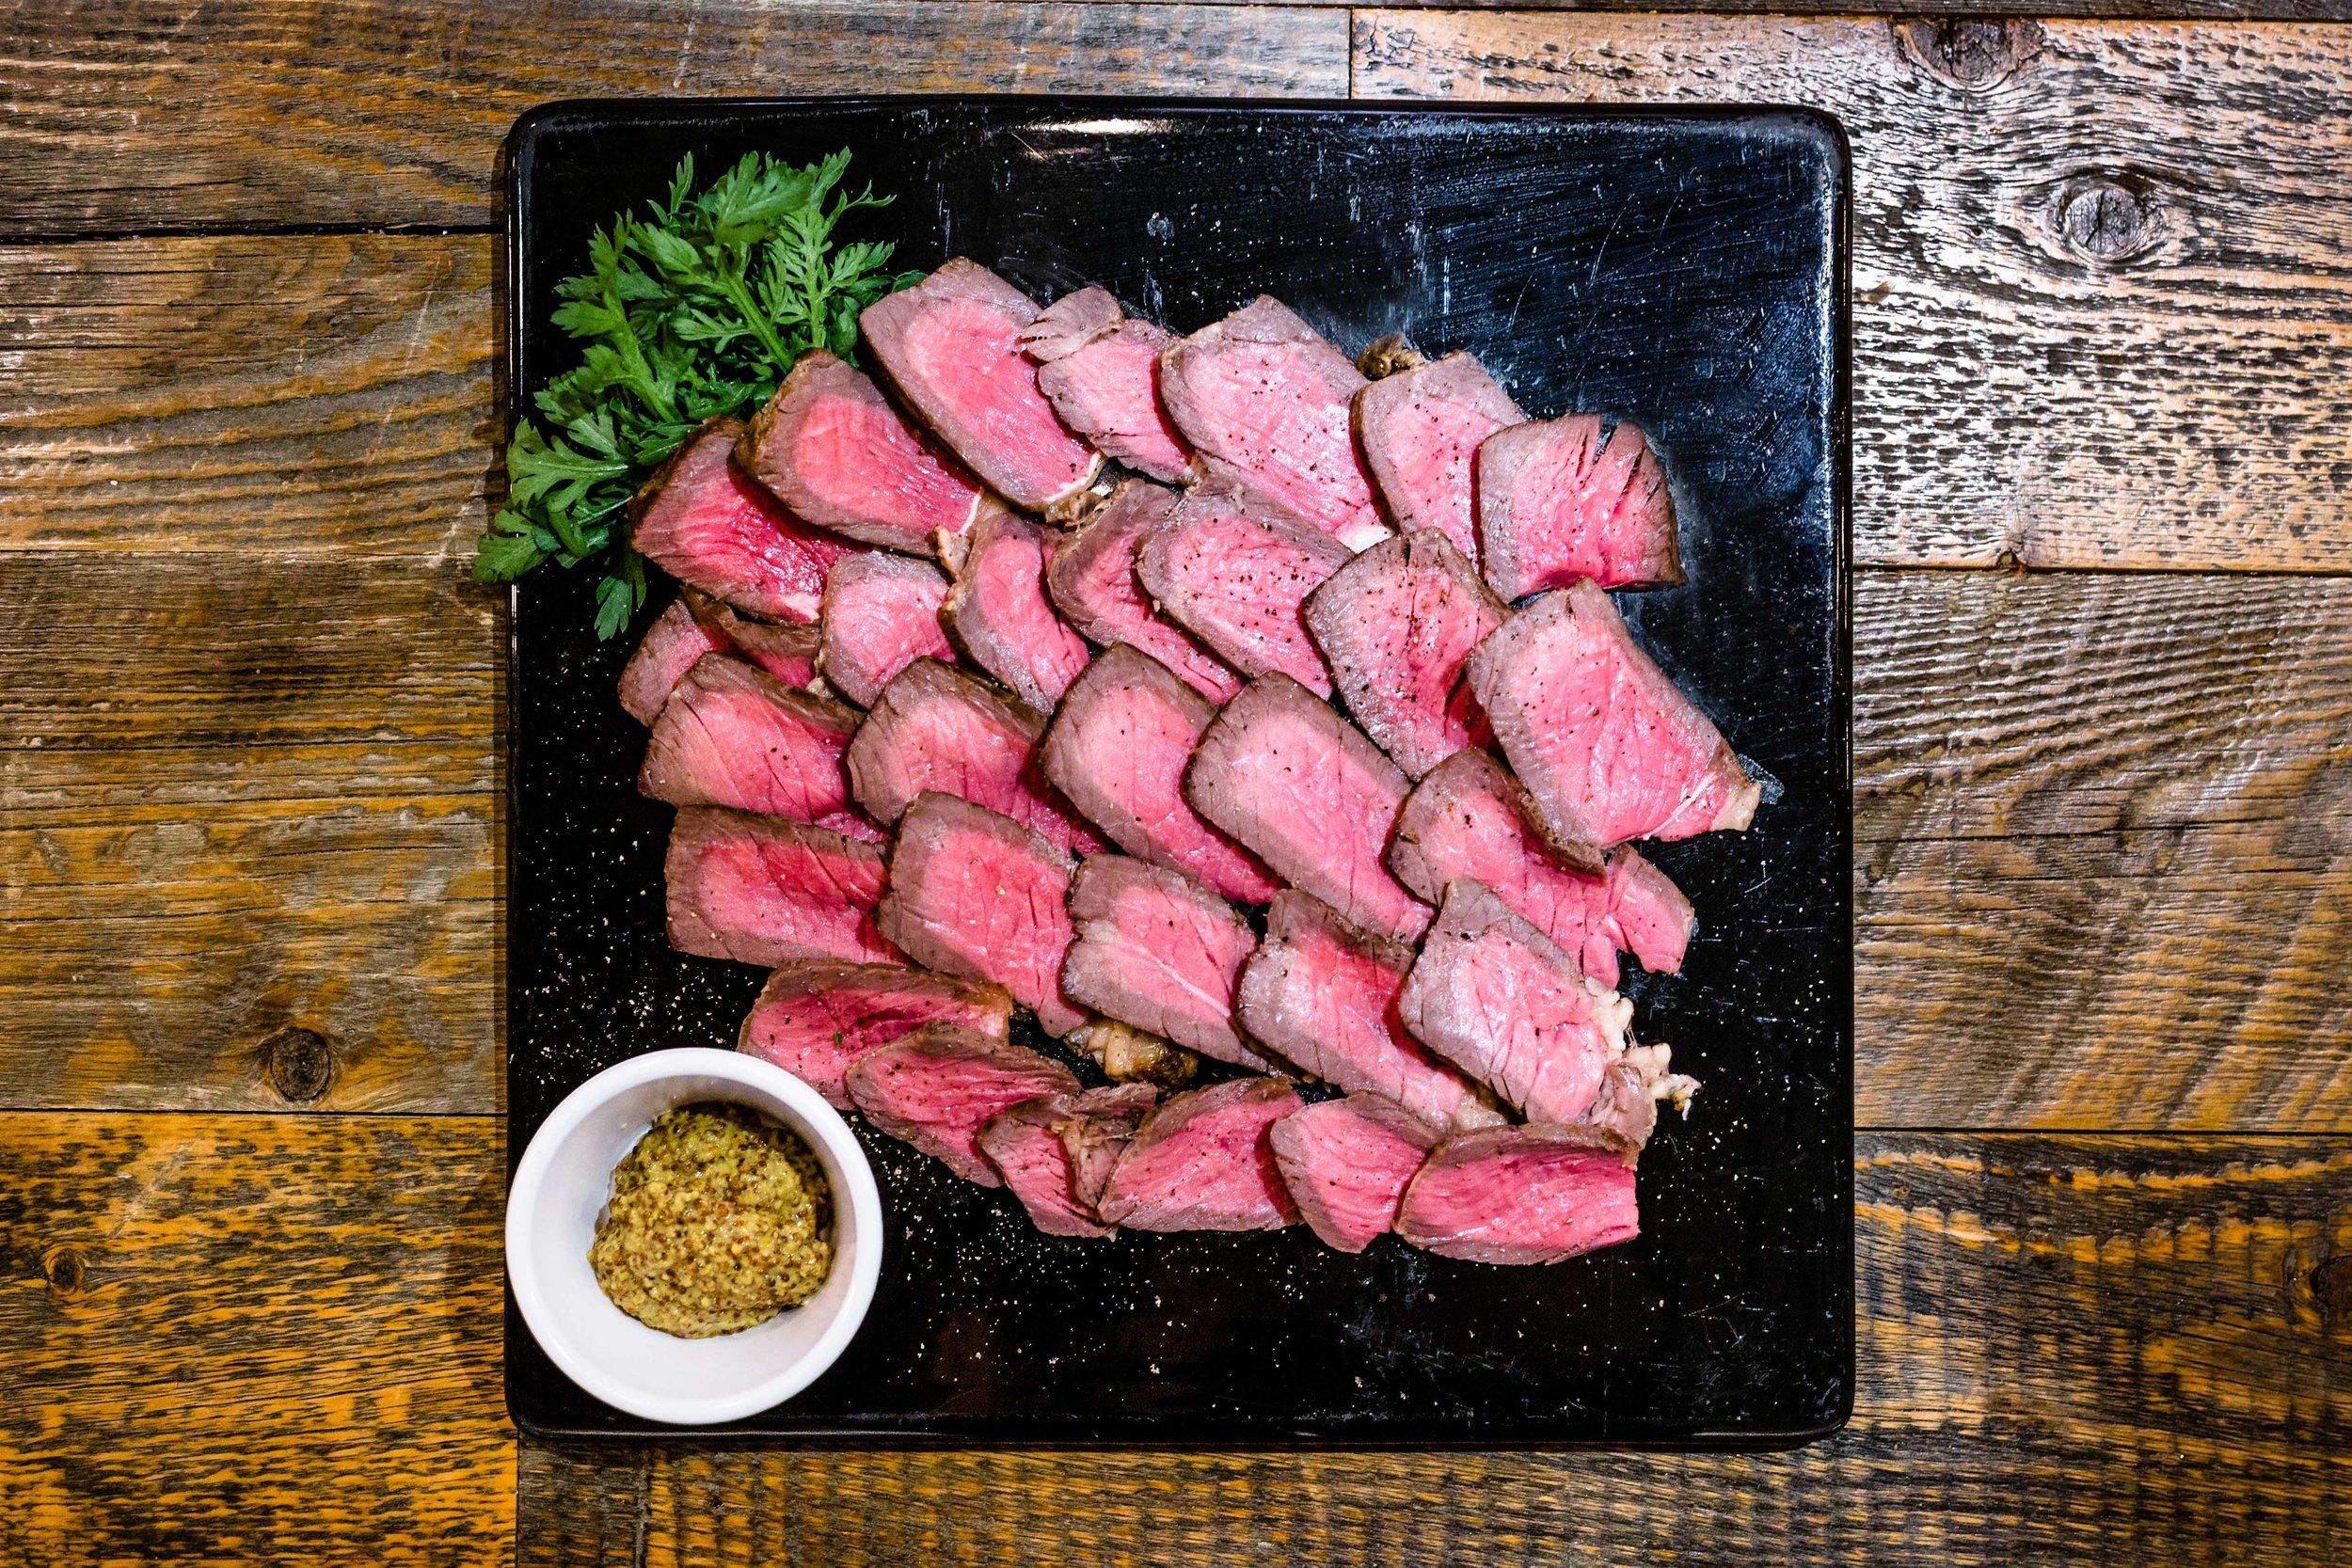 Meat Platters - シンプルに焼き上げた上質なお肉です。野菜やサラダ、フライのプラッターと合わせてパーティはいかがですか?AUS産グラスフェッドビーフのローストビーフ ストレスフリーな牧草飼育の赤身で健康な牛肉です。オーダーは500グラムからできます。粒マスタード付き。1kg ¥5,000円~(スライスが出来ます)国産豚のローストジューシーな国産銘柄豚のロースト、オーダーは500グラムからできます。1kg ¥4,000円~(スライスが出来ます)スパイスとヨーグルトでマリネしたタンドリーチキンa2zのランチでも人気のタンドリーチキン、スパイスとヨーグルトを合わせたオリジナルのタンドリーベースに漬け込んでからじっくり焼き上げました。オーダーは500グラムからできます。1kg ¥3,000~